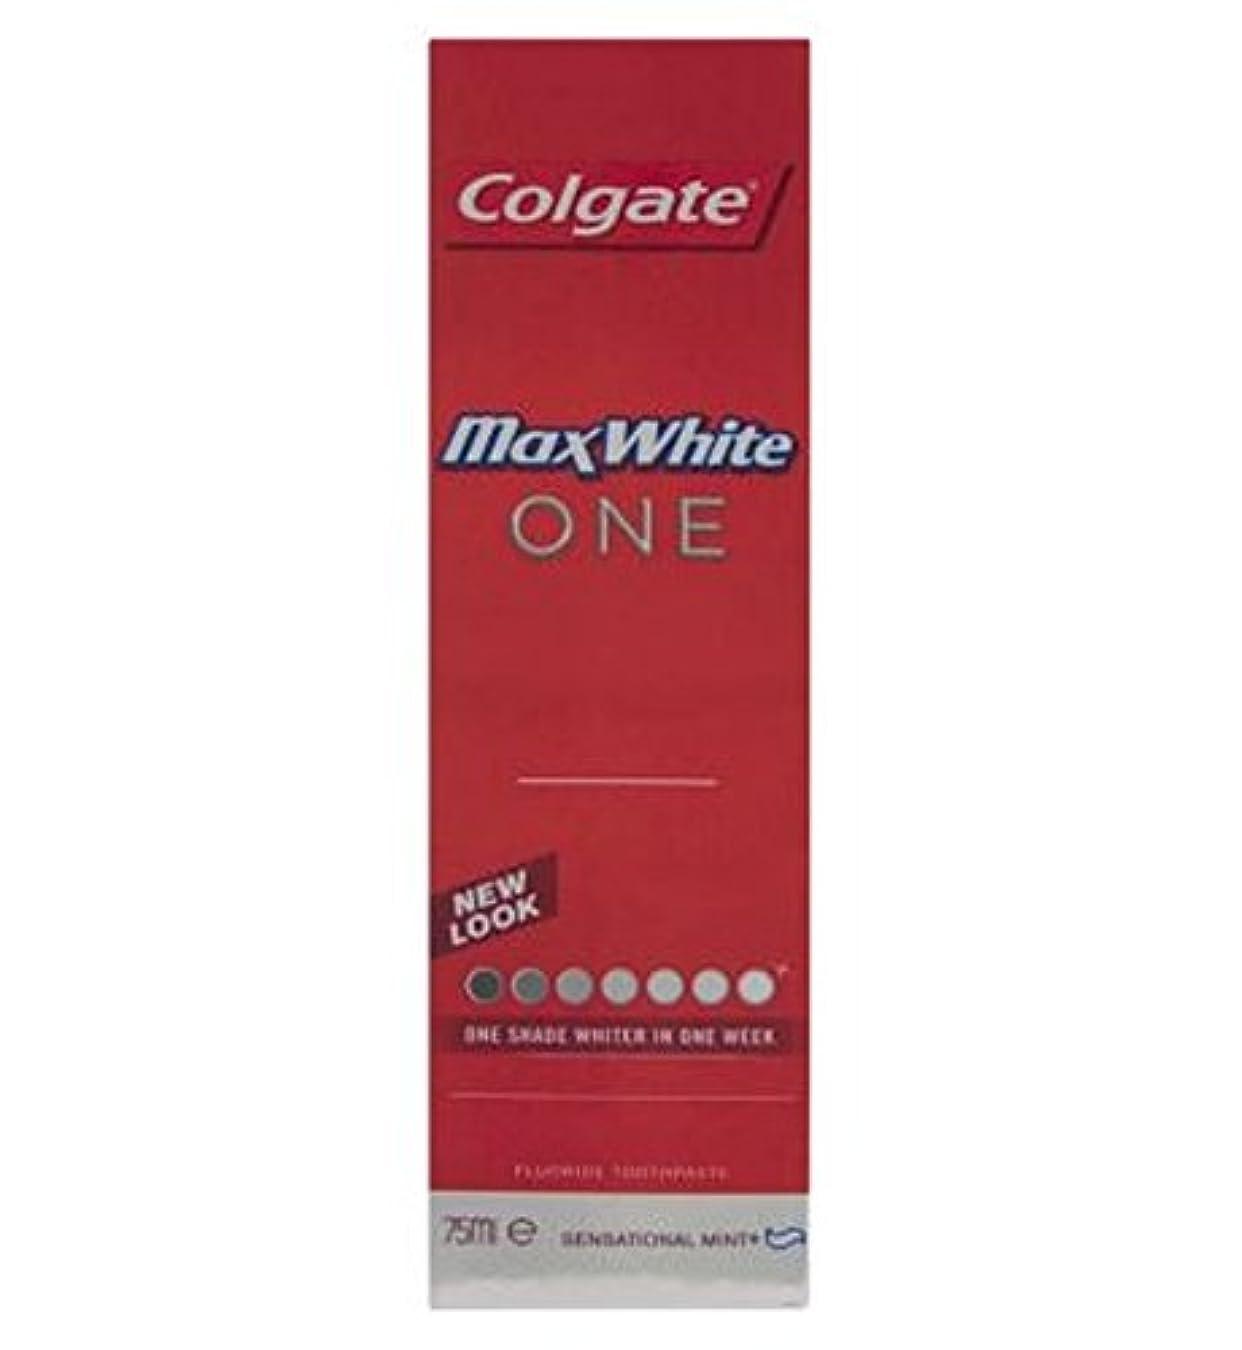 インテリアスポーツささやきColgate Max White One Fresh toothpaste 75ml - コルゲートマックスホワイト1新鮮な歯磨き粉75ミリリットル (Colgate) [並行輸入品]